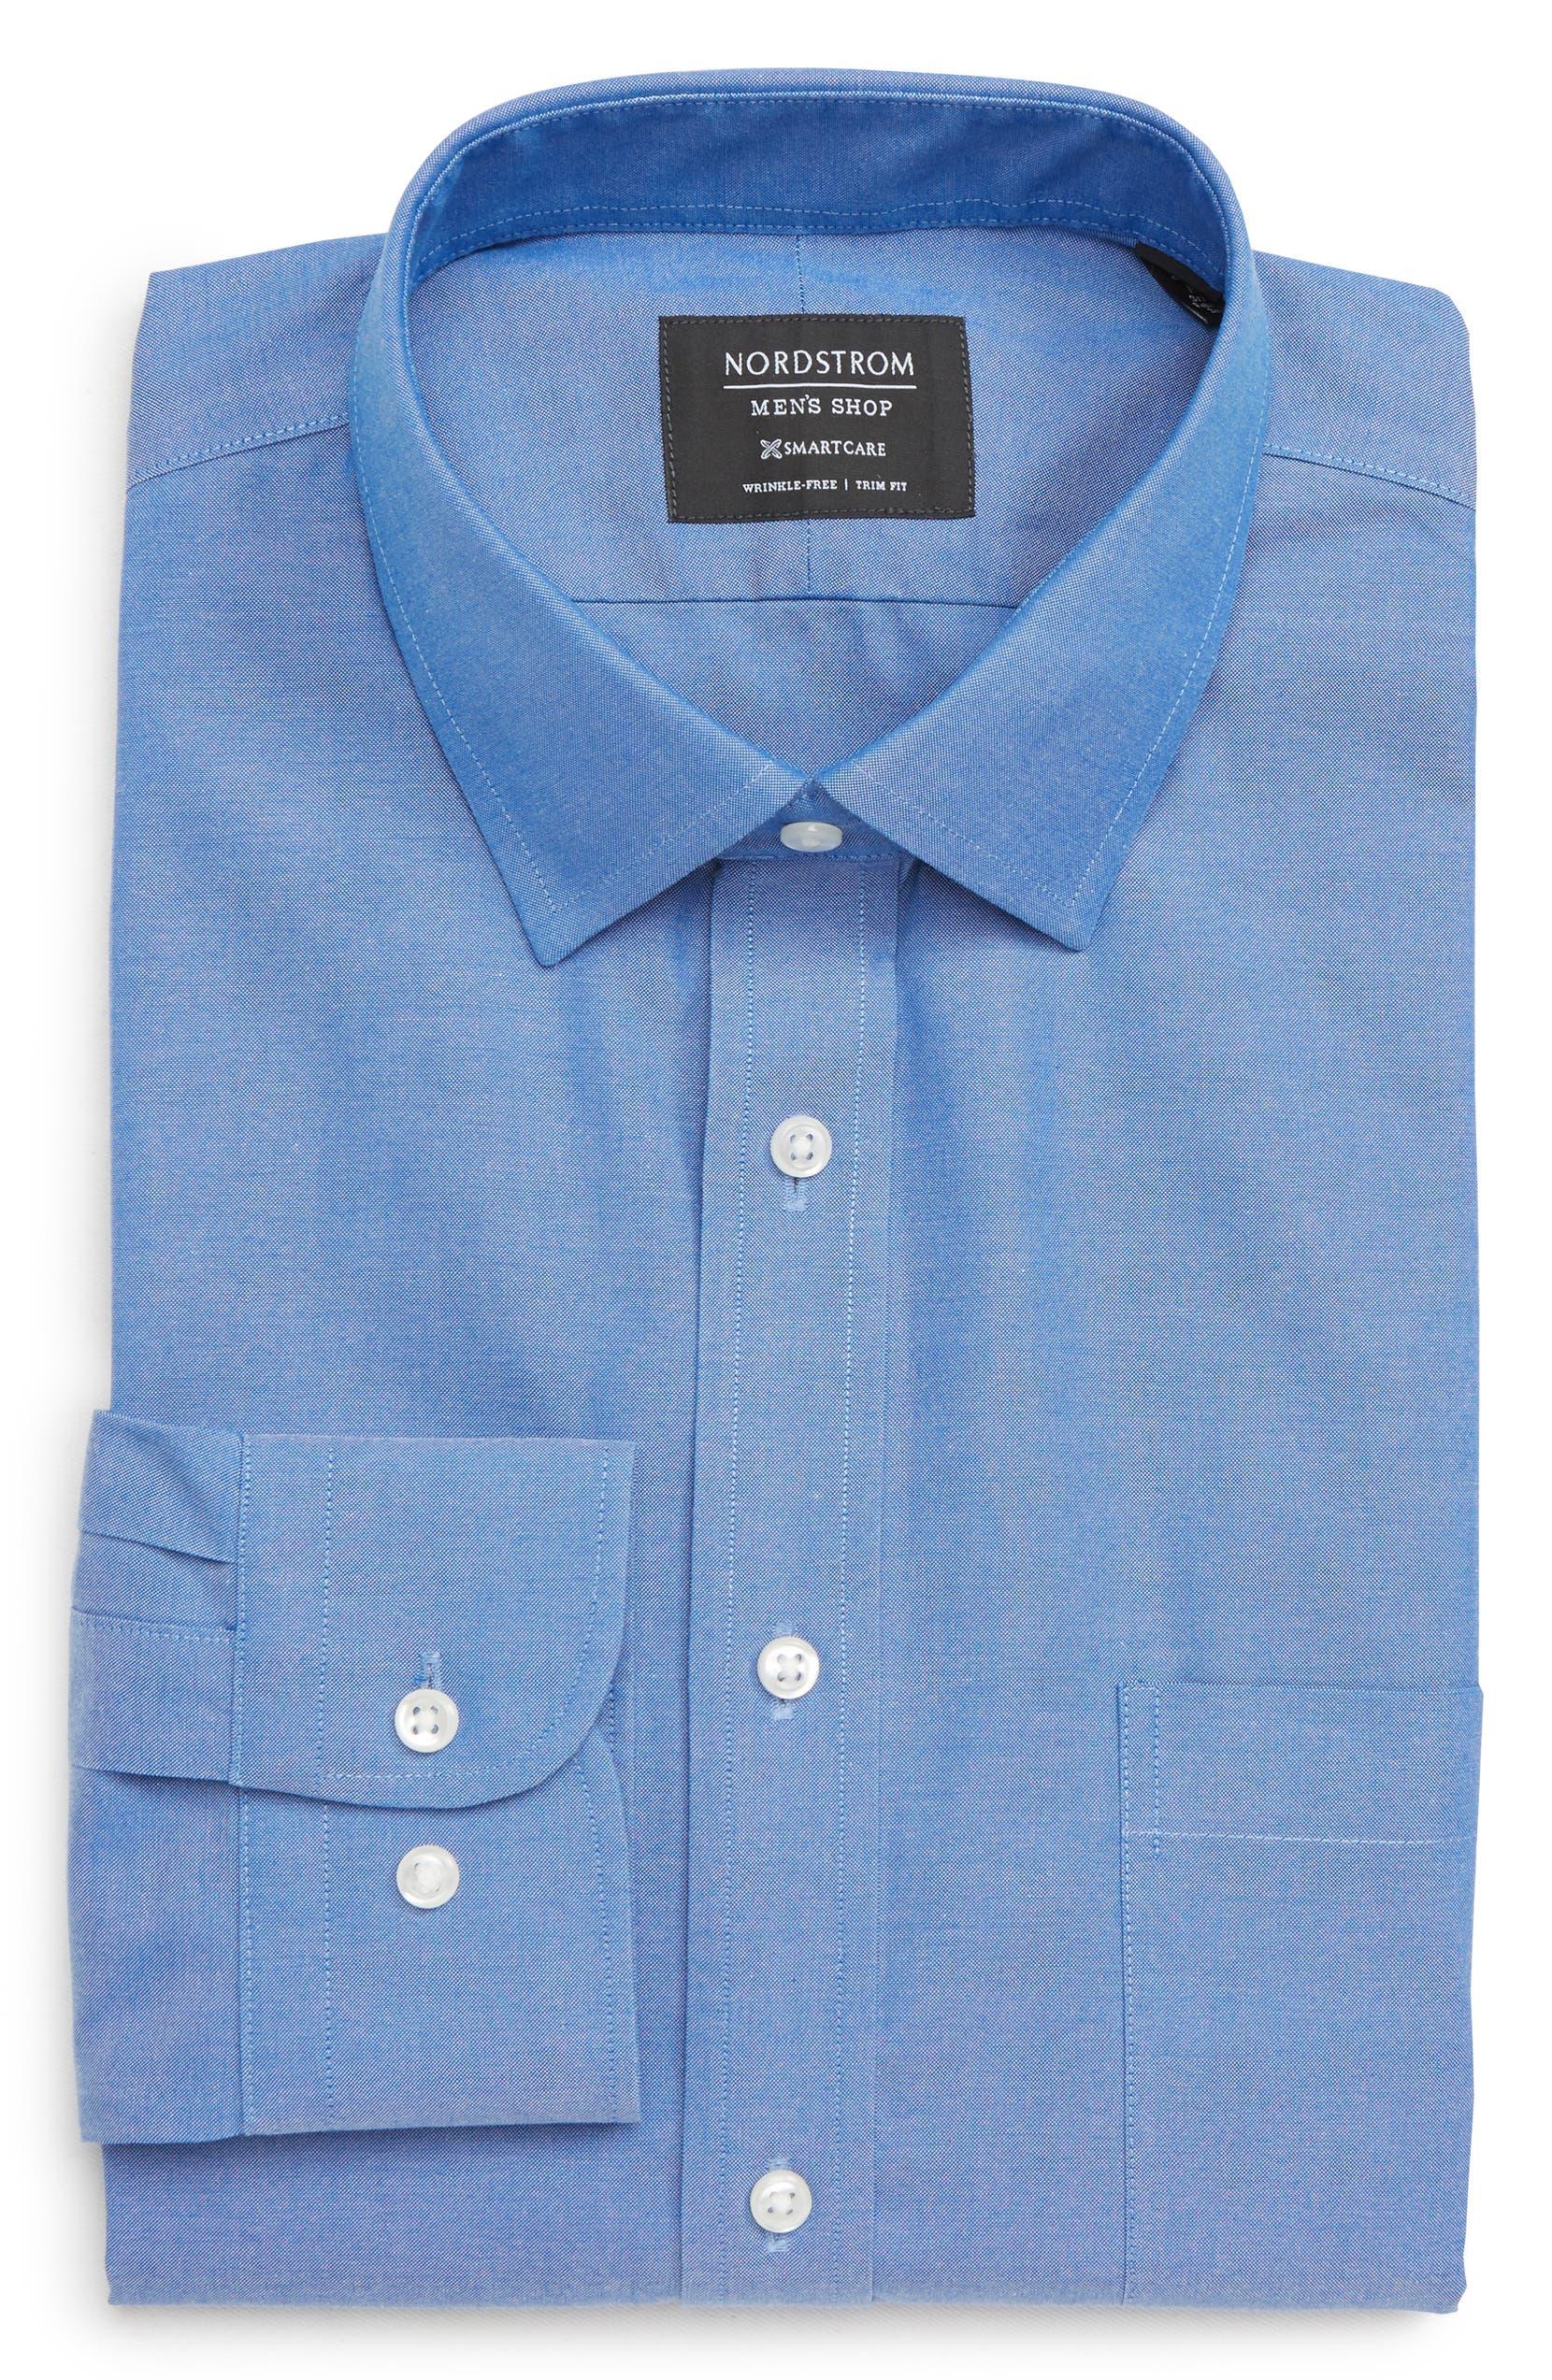 fe721bfef5a3 Nordstrom Men's Shop Smartcare™ Trim Fit Solid Dress Shirt   Nordstrom